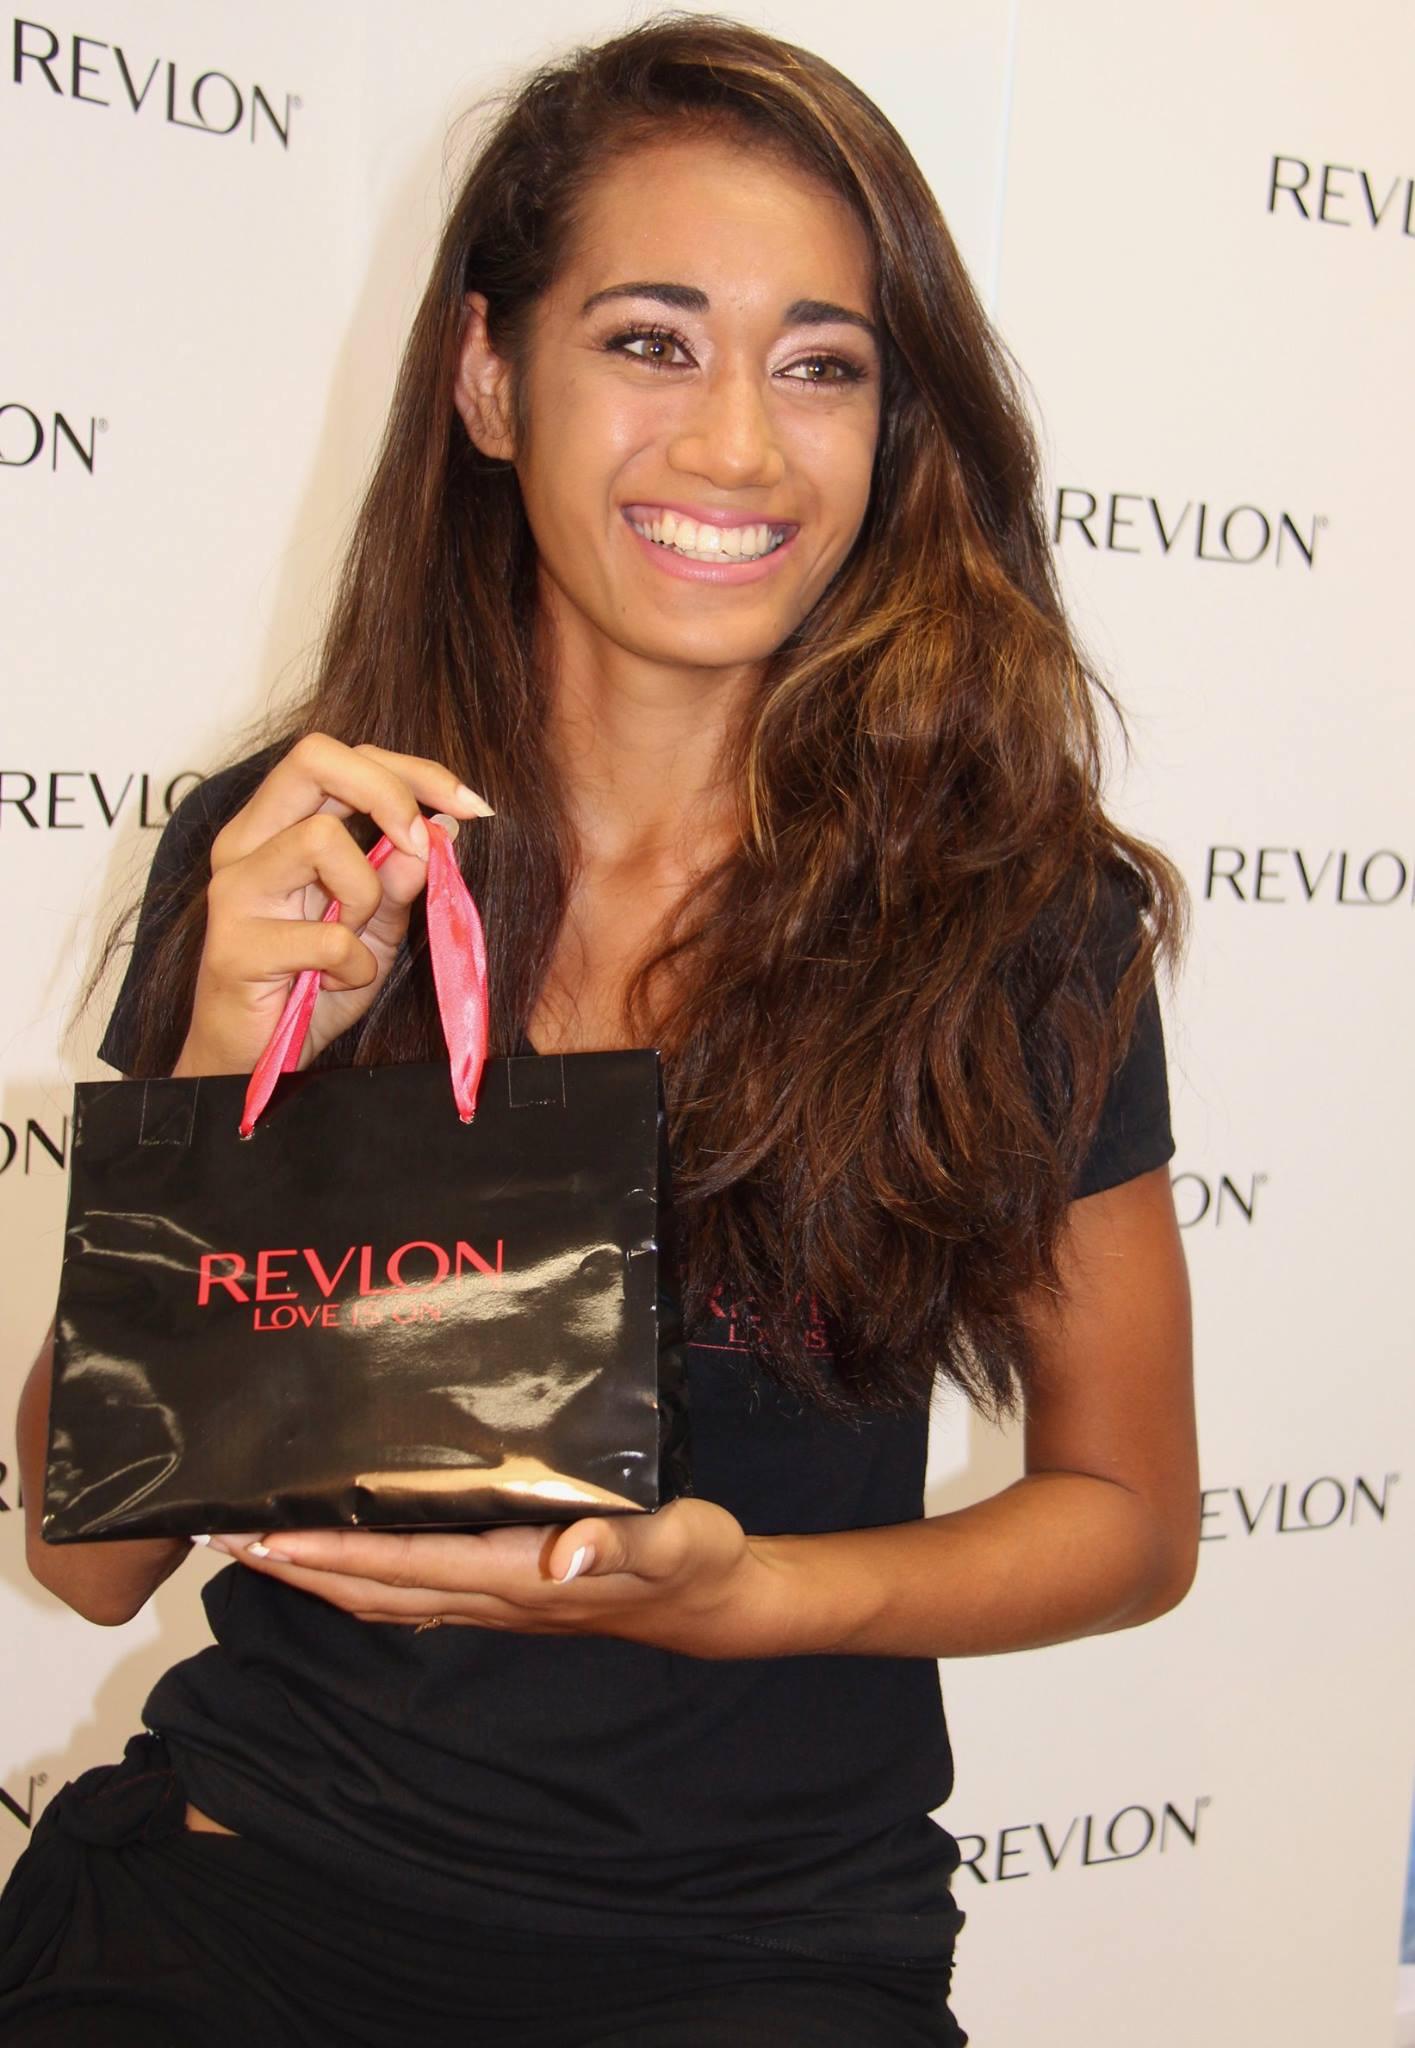 Pour le maquillage, l'équipe Revlon est venue assister le comité afin de parfaire les mises en beauté des candidates.